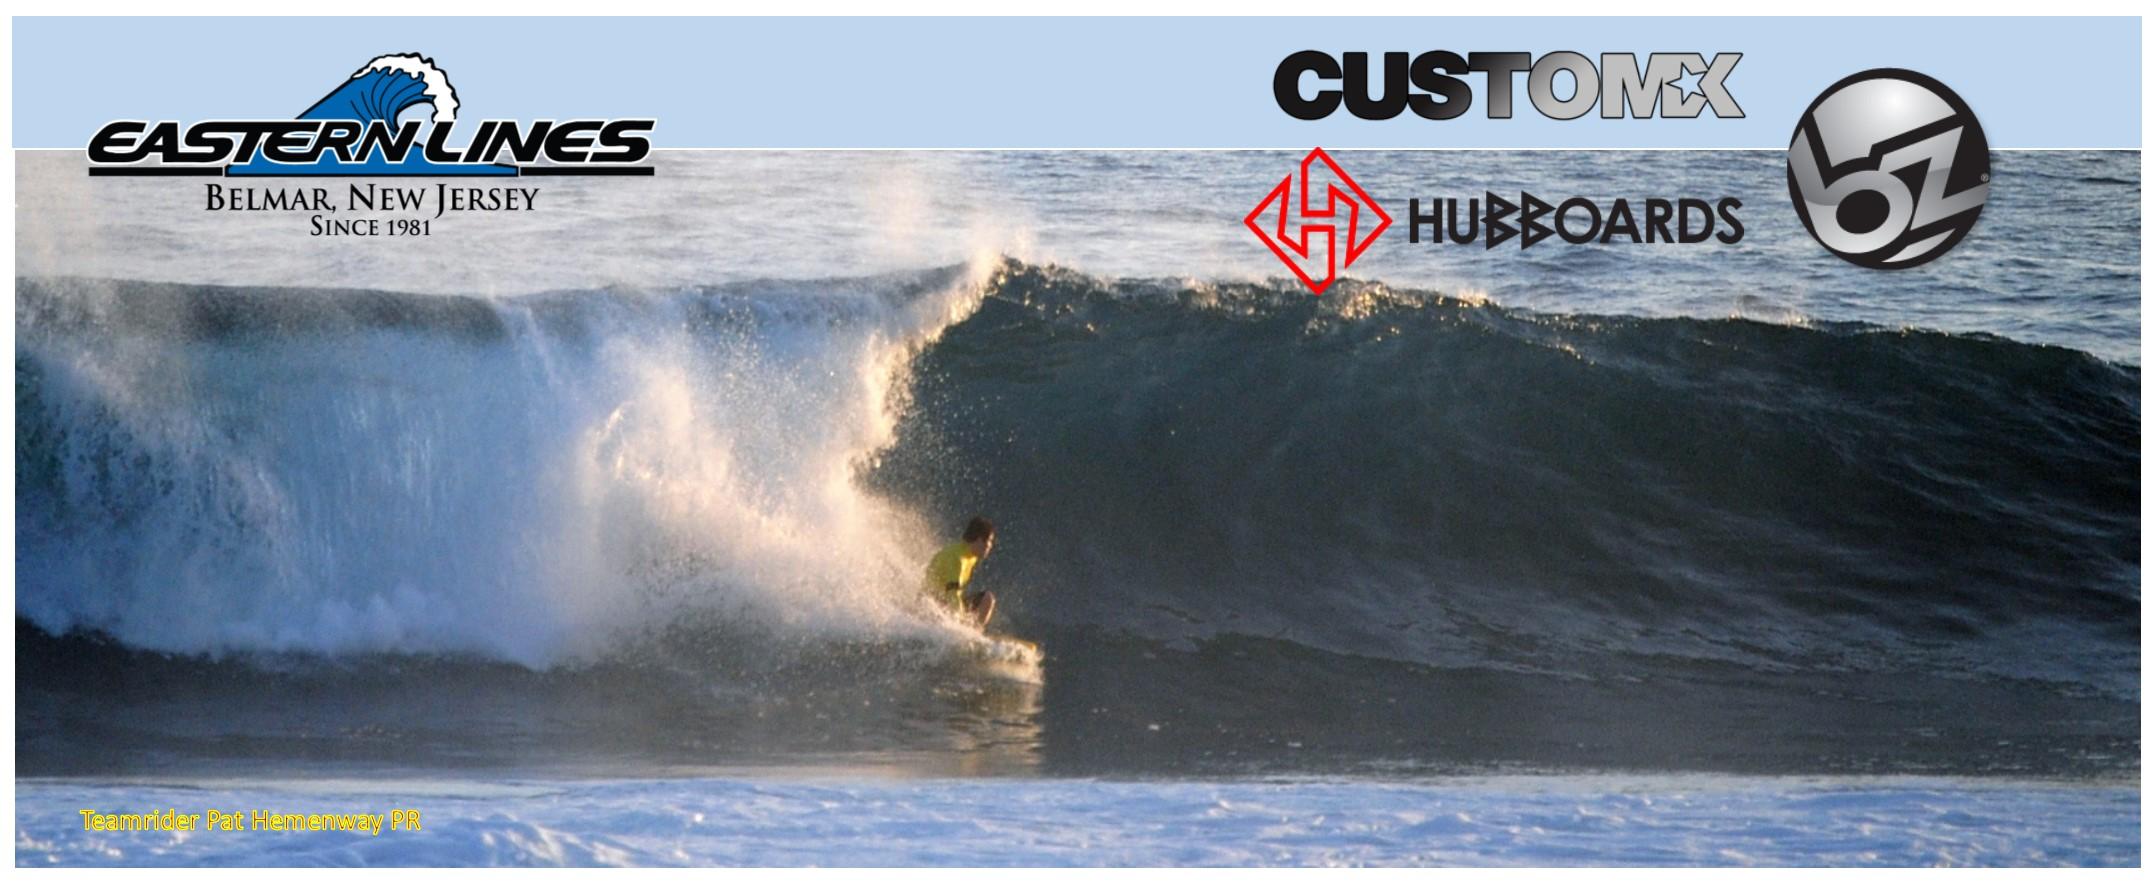 Eastern Lines Surf Shop - Surf Shop, Surfboards